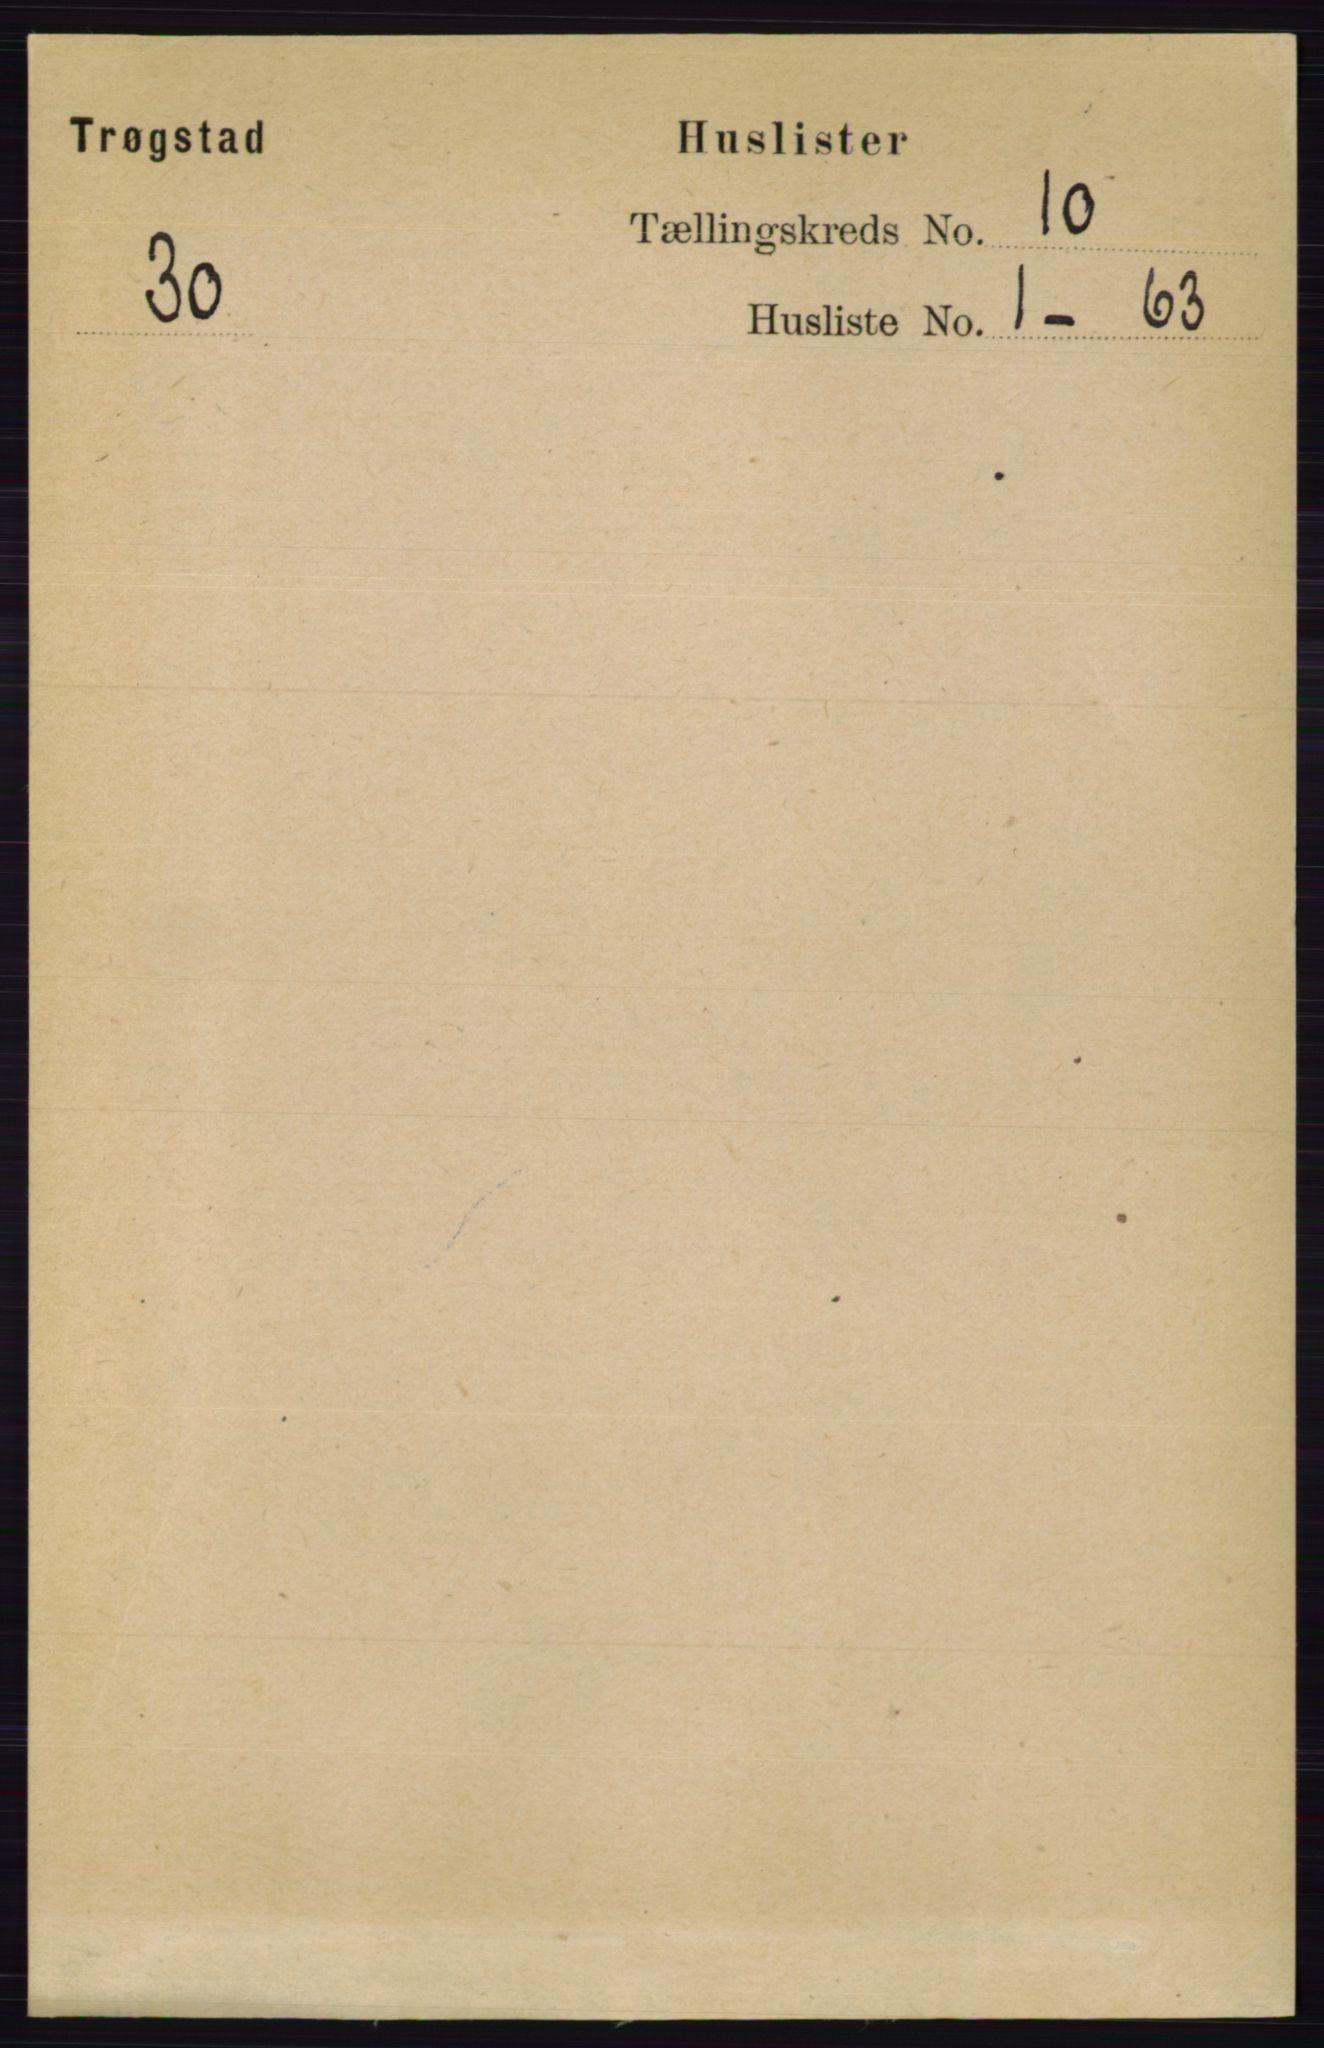 RA, Folketelling 1891 for 0122 Trøgstad herred, 1891, s. 4230